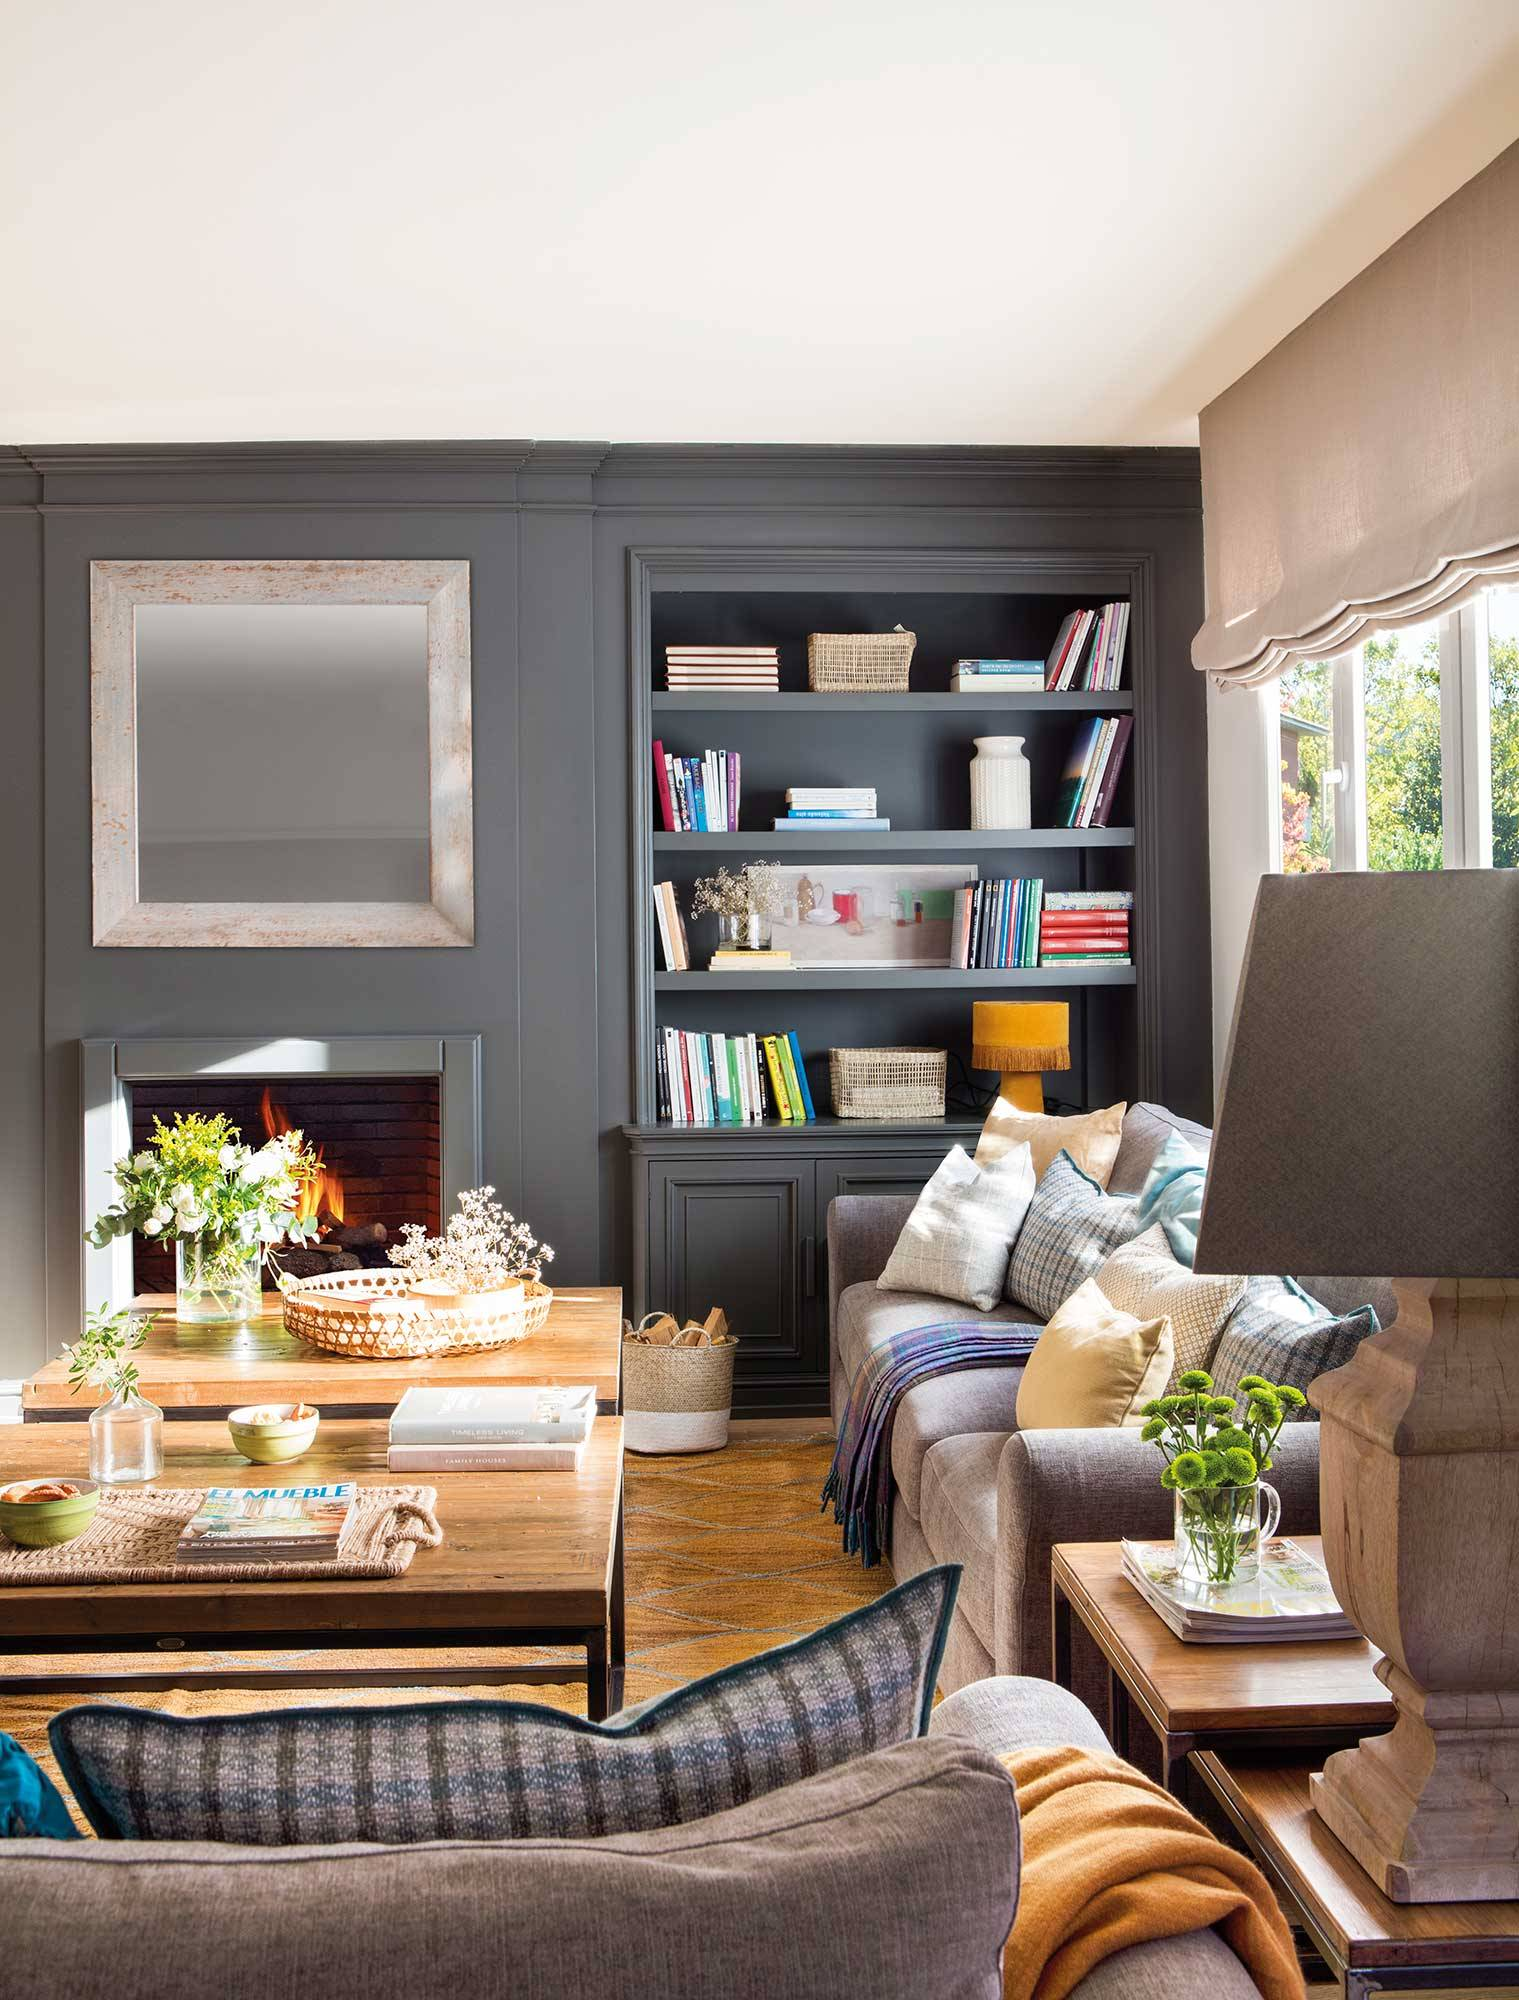 Muebles oscuros o muebles claros: cuándo elegirlos y por qué